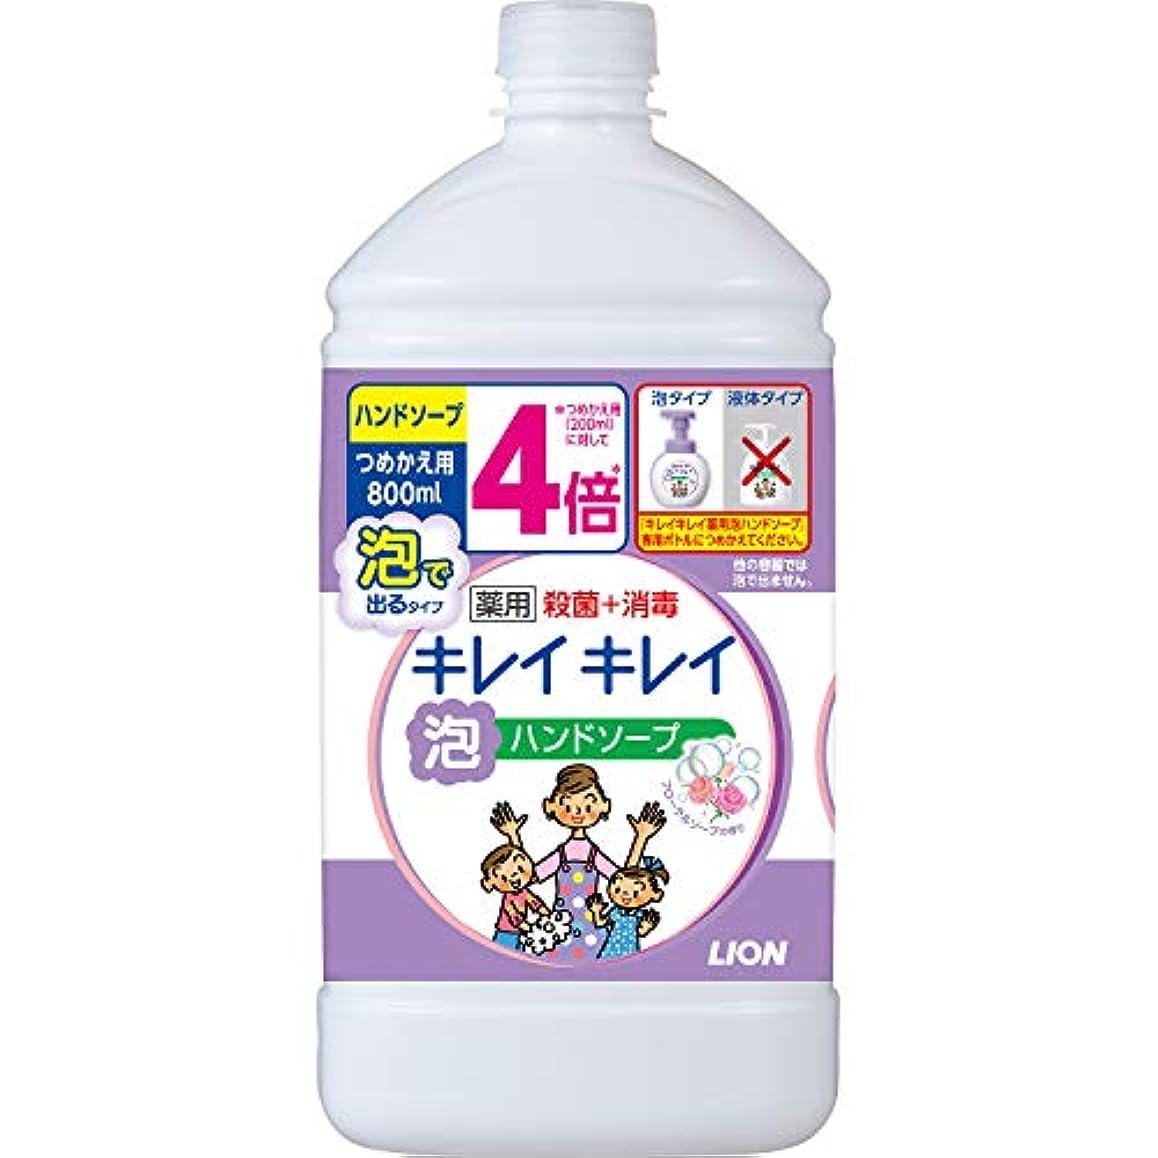 リス気質中毒(医薬部外品)【大容量】キレイキレイ 薬用 泡ハンドソープ フローラルソープの香り 詰め替え 特大 800ml